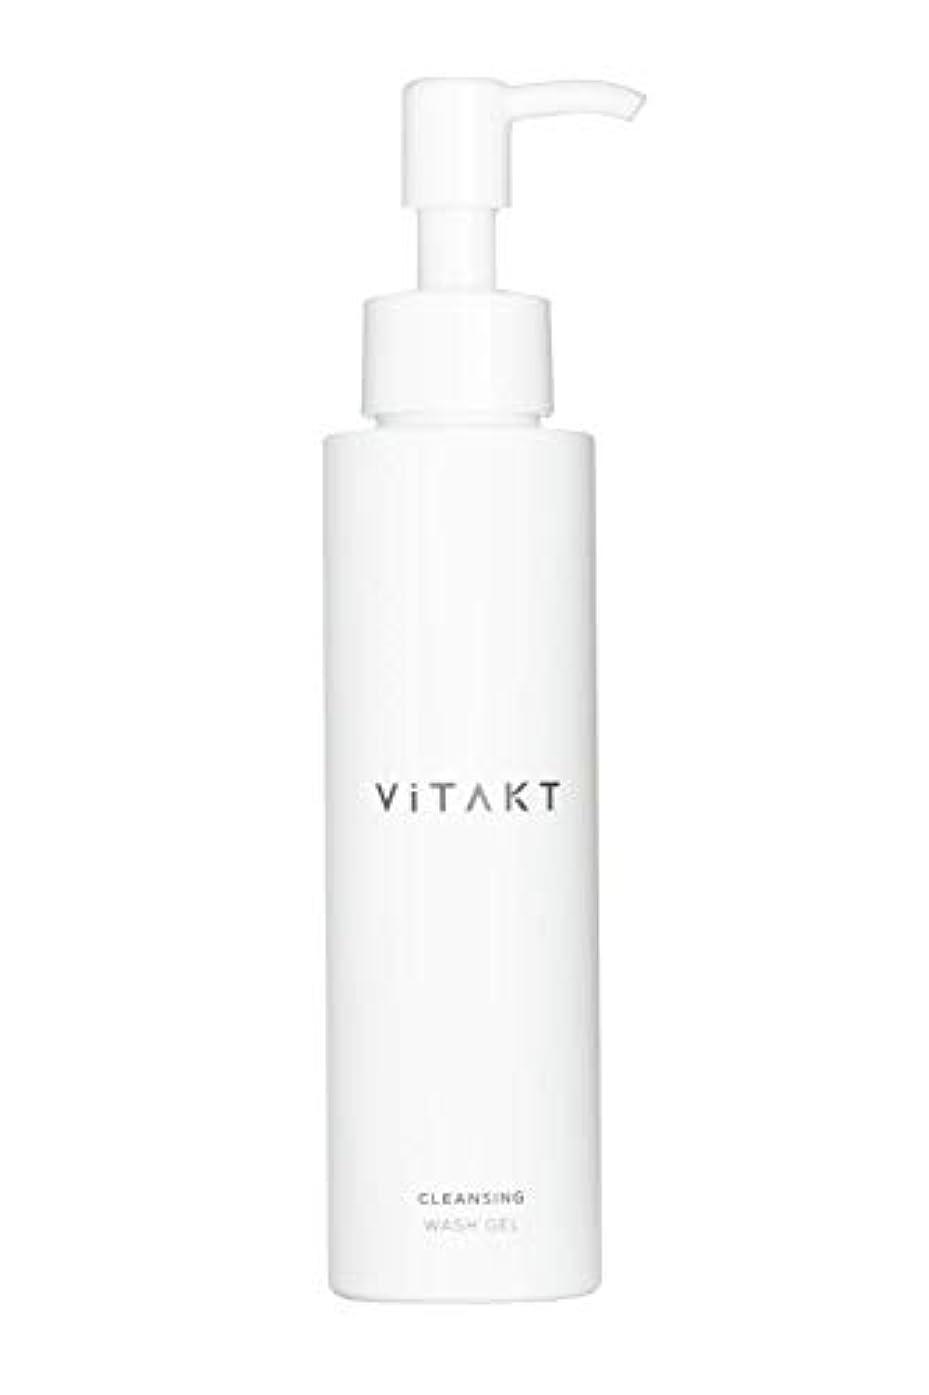 損なう安心させる小人ViTAKT (ヴィタクト) クレンジングウォッシュジェル [ 洗顔 + メイク落とし / 120ml ] 毛穴 毛穴対策 無添加 (マツエク対応)